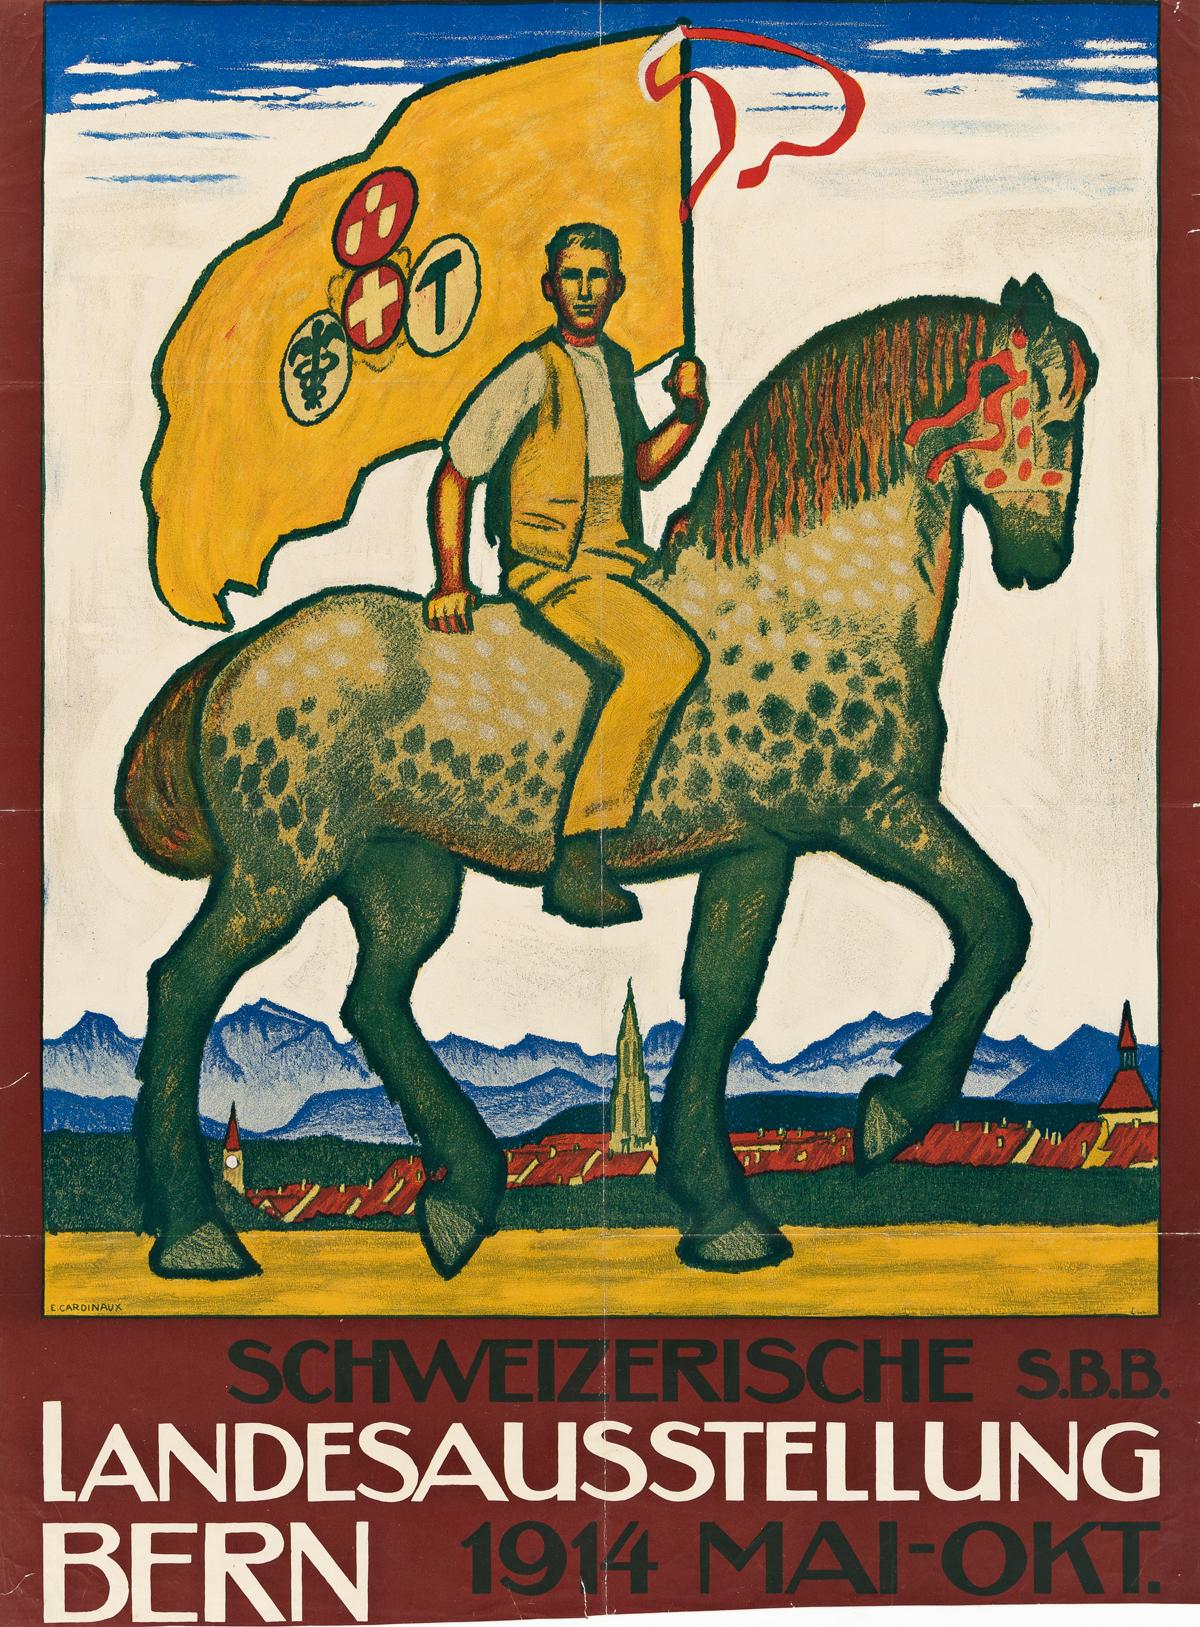 EMIL CARDINAUX (1877-1936).  SCHWEIZERISCHE LANDESAUSSTELLUNG BERN. 1914. 33x24½ inches, 83¾x62¼ cm. [J.E. Wolfensberger, Zurich.]